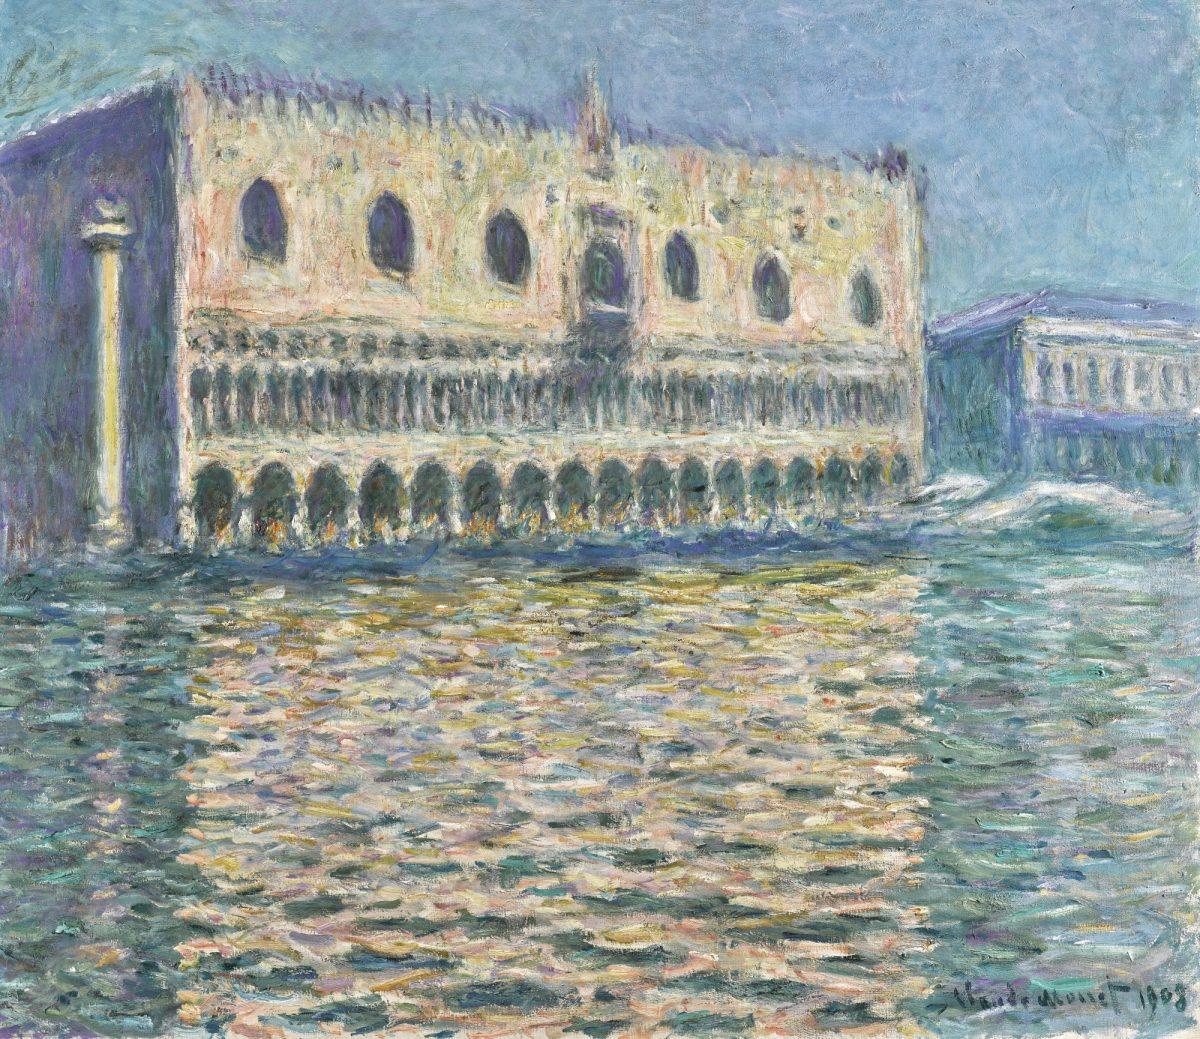 Egy világhírű Monet-festményre adott ki exporttilalmat a brit kormány